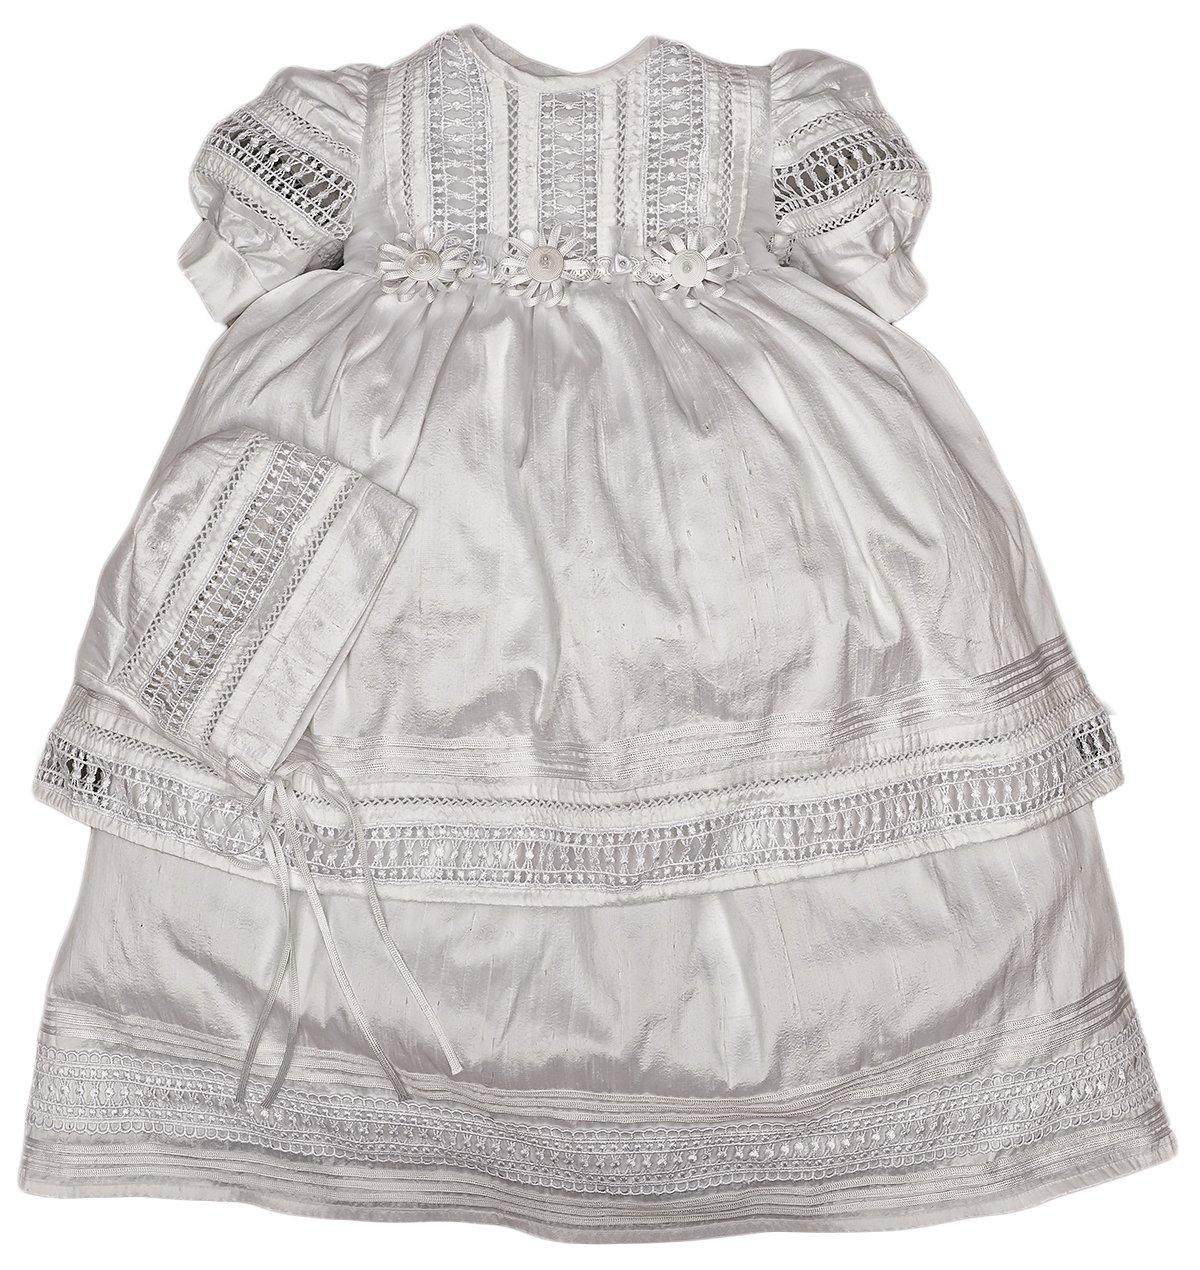 Elegant Baby Girl Christening Baptism Dress - Ivory or White (1-11 Months, White)